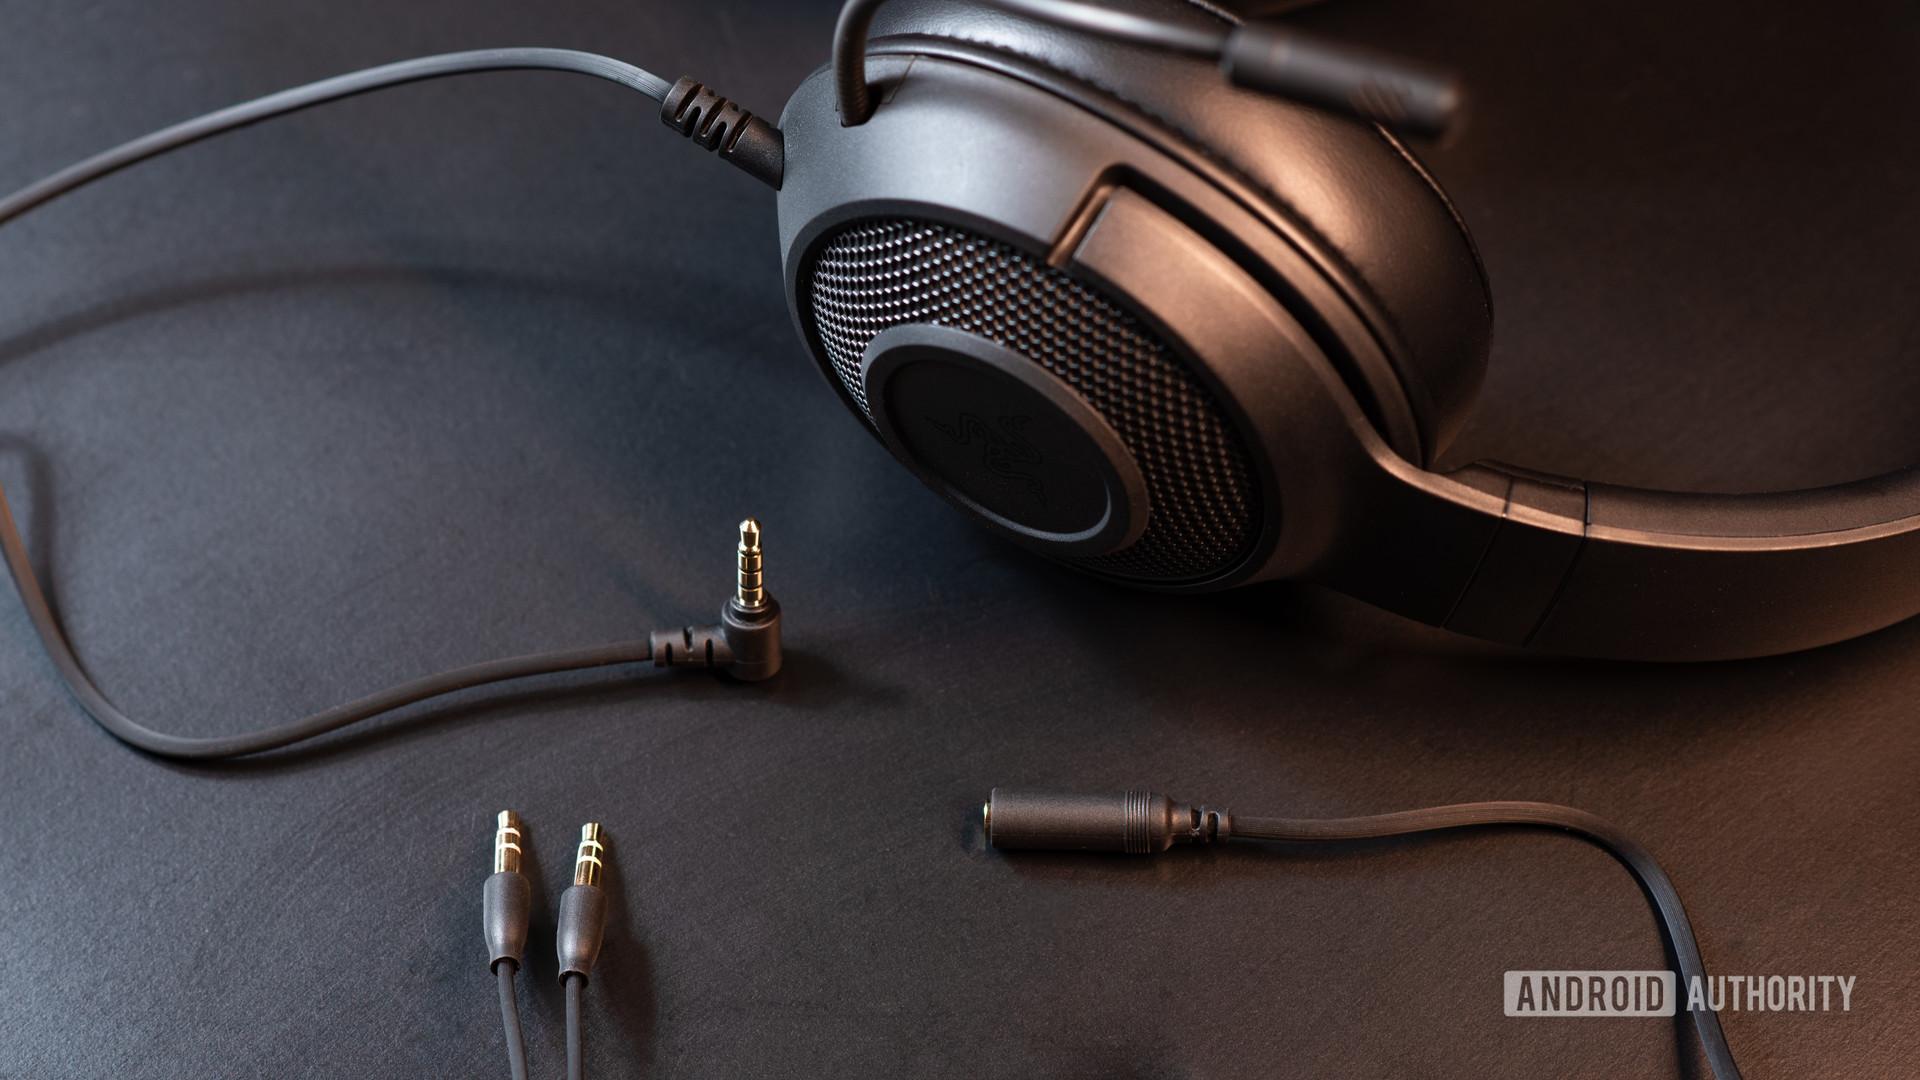 Изображение проводных кабелей игровой гарнитуры Razer Kraken X.